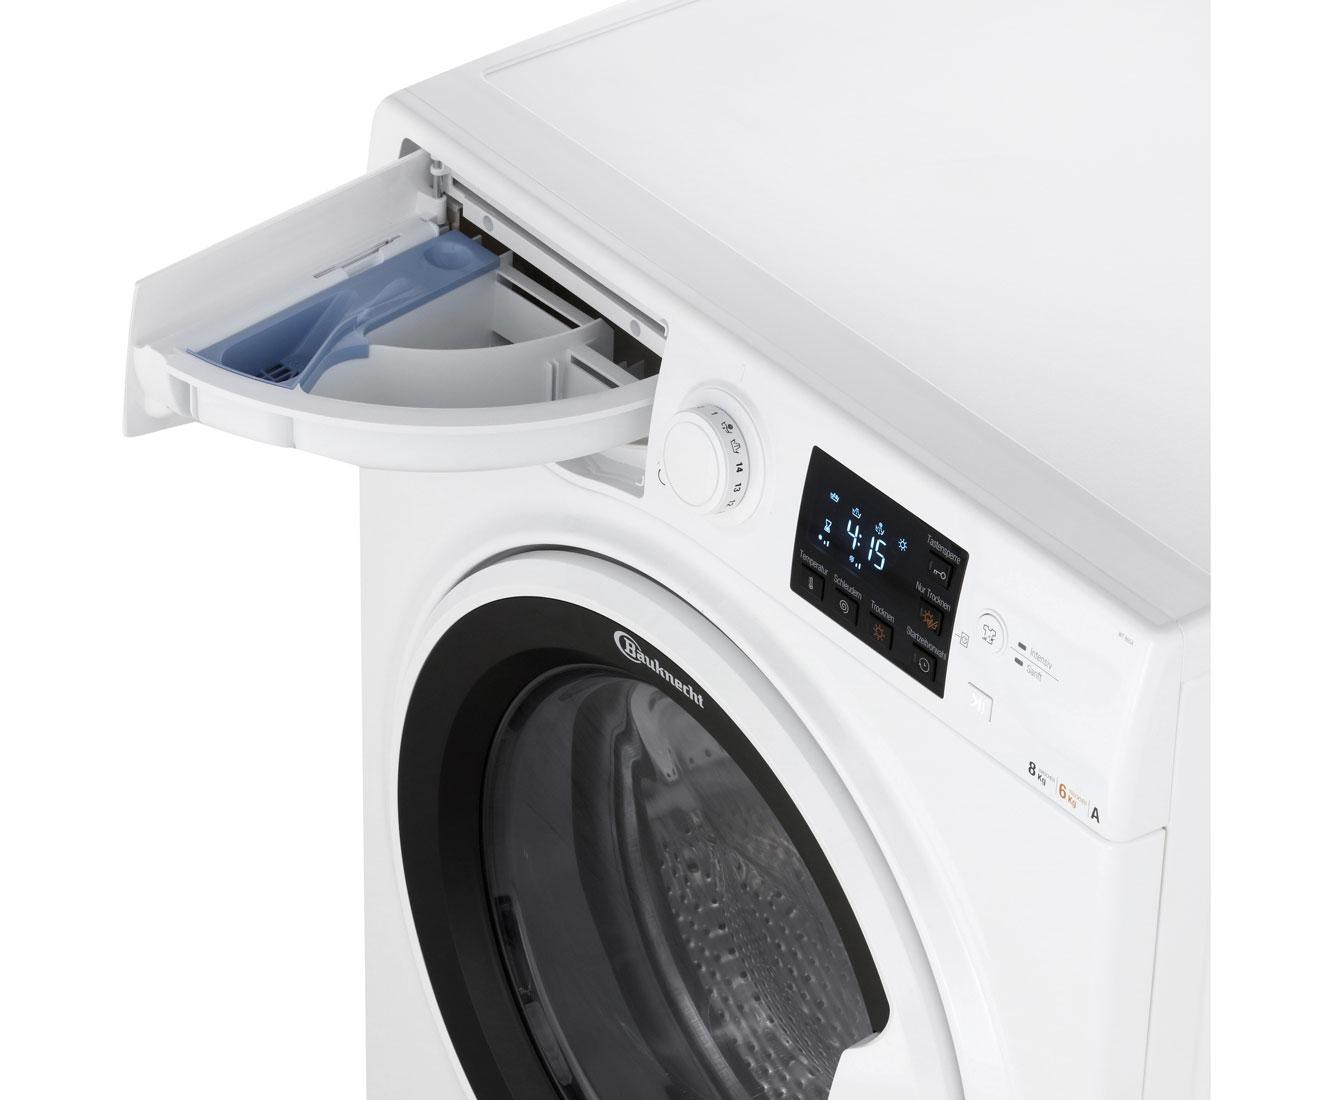 Bauknecht wt g de waschtrockner kg waschen kg trocknen